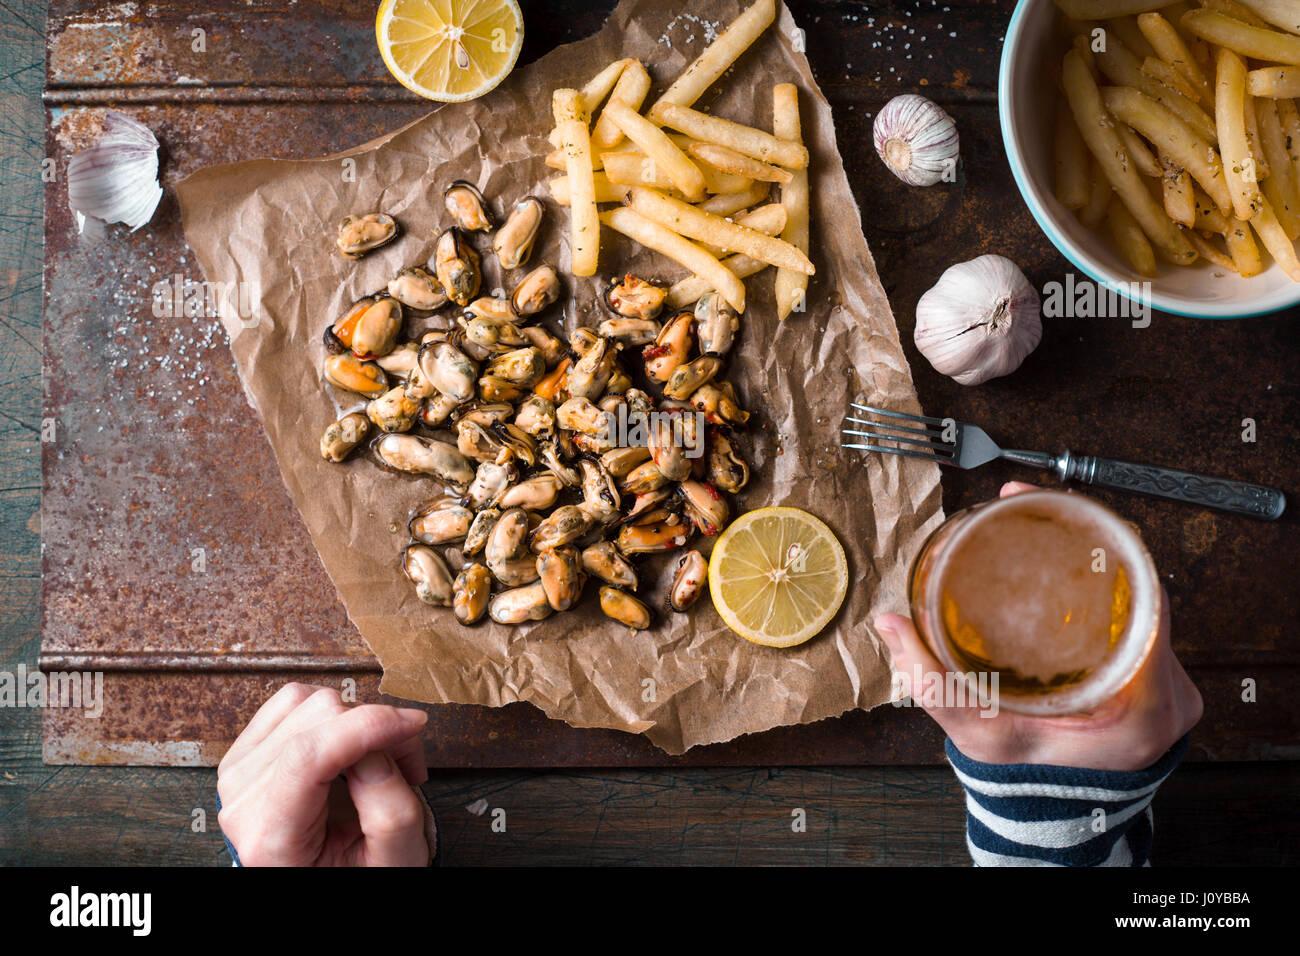 Boire de la bière avec des moules et des frites vue supérieure Photo Stock